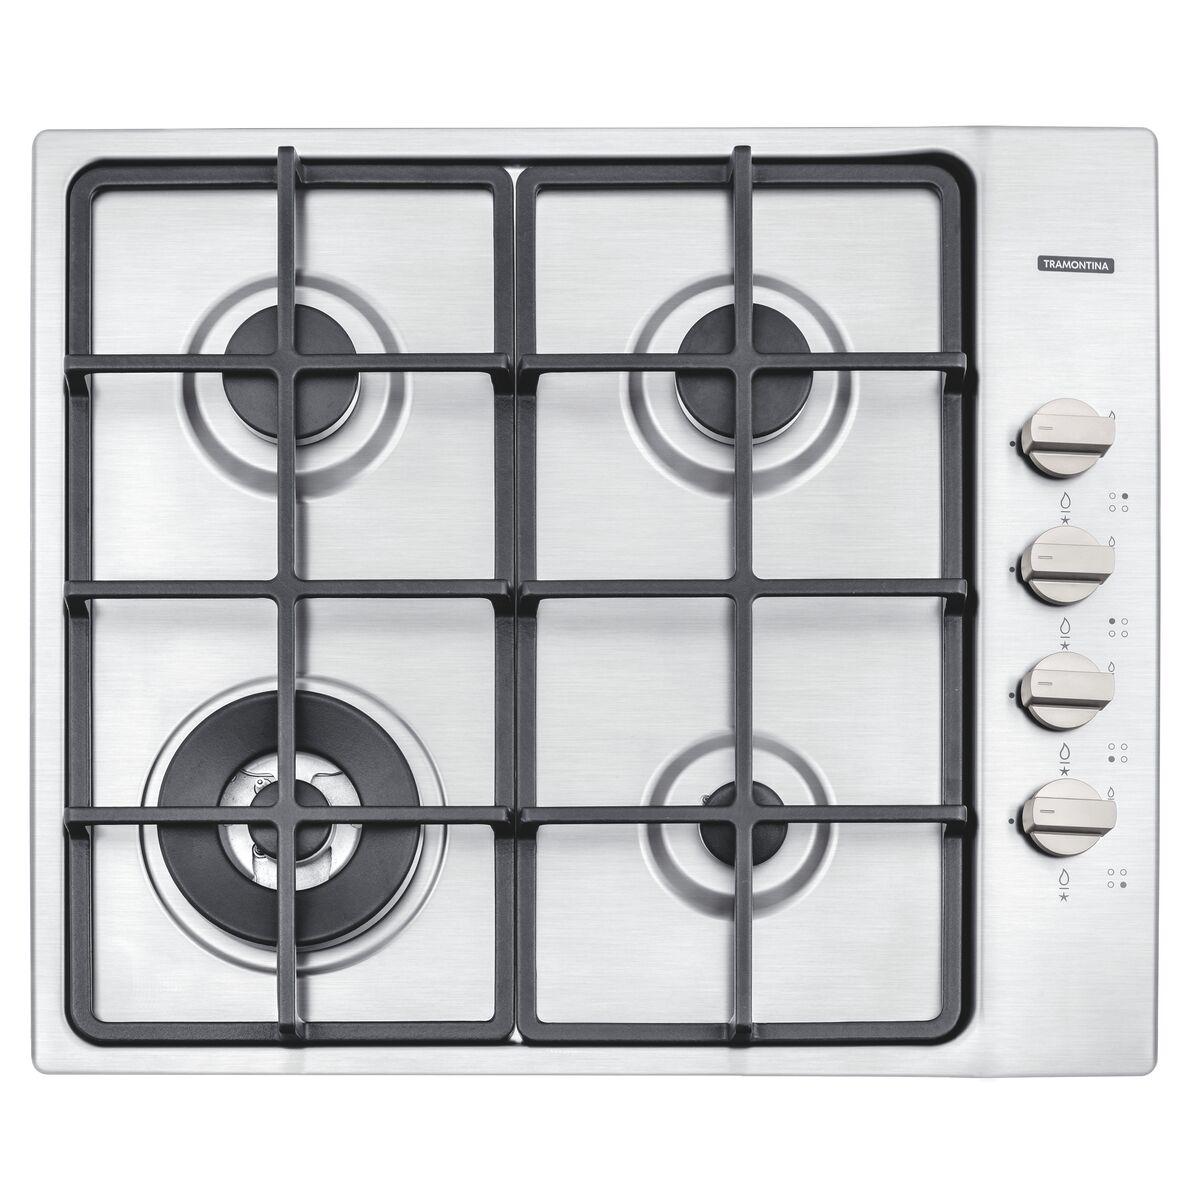 Placa de cocción Tramontina en acero inoxidable con encedido superautomático y 4 quemadores